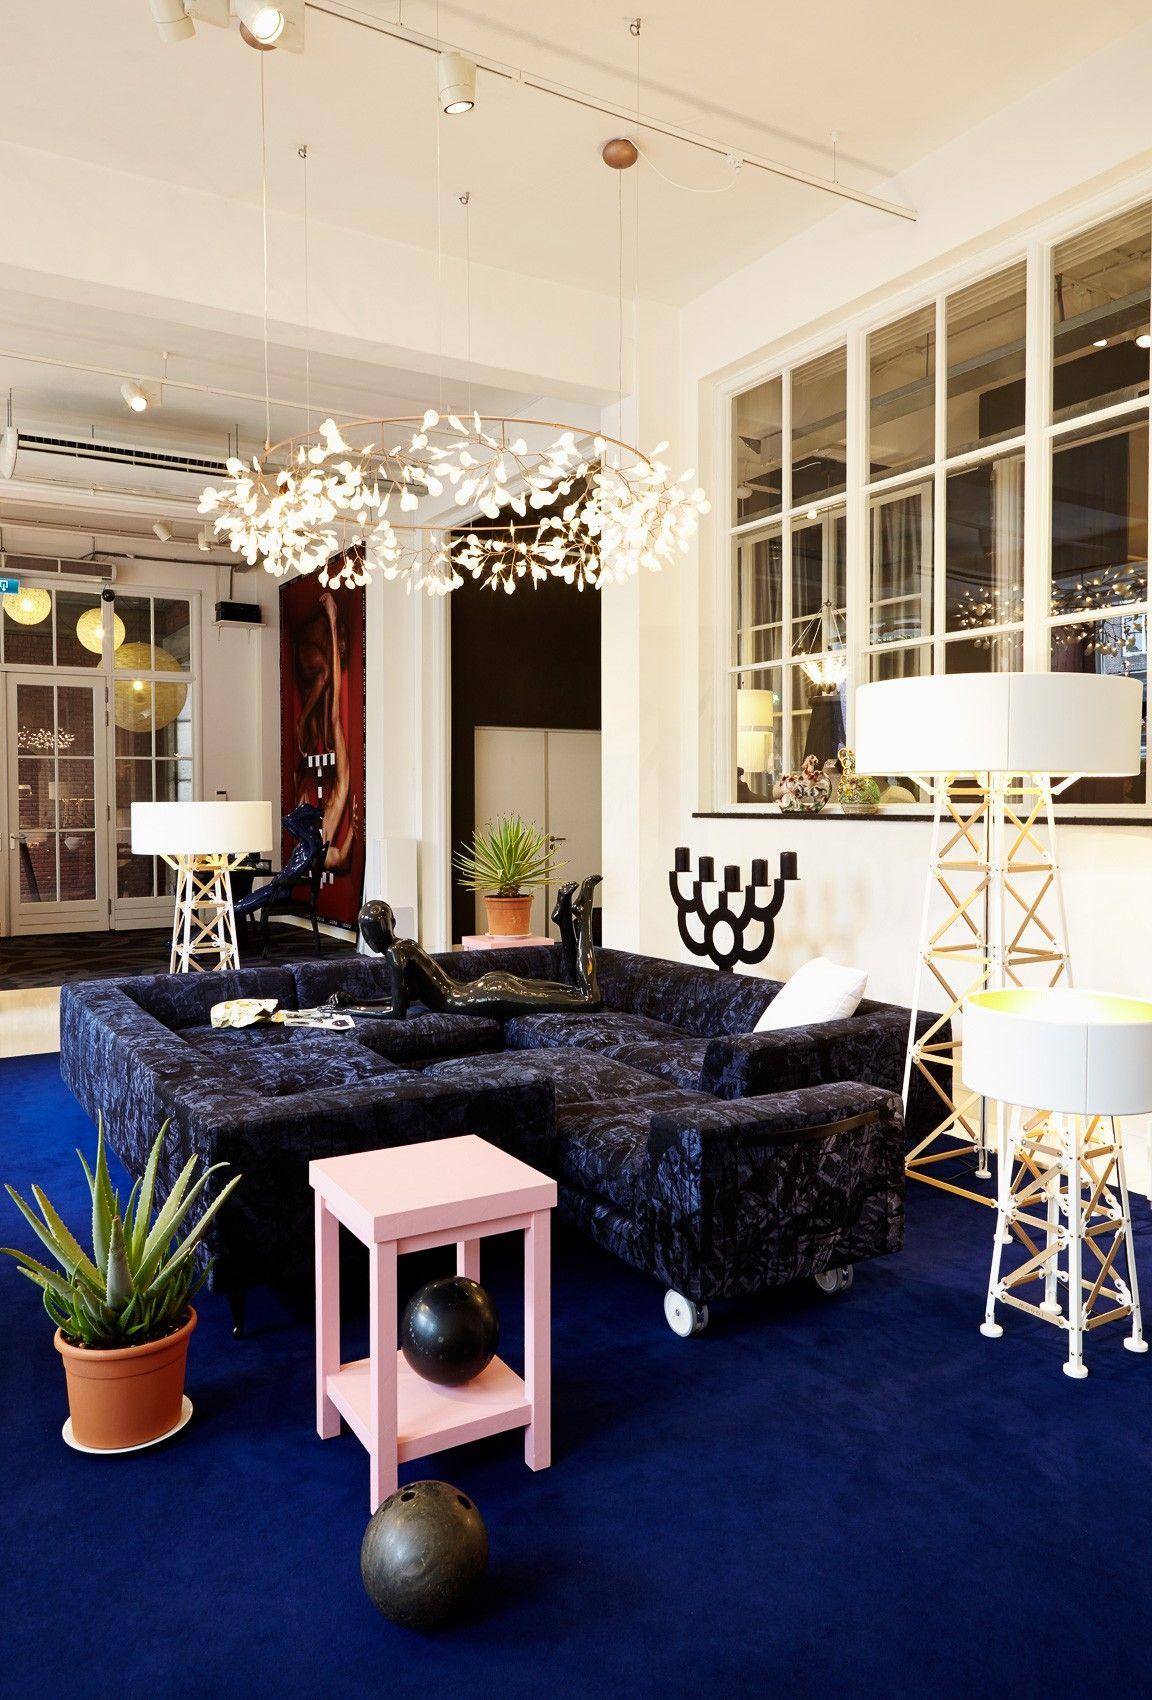 Moooi Heracleum The Big O | Lampe Wohnzimmer | Lampen wohnzimmer ...